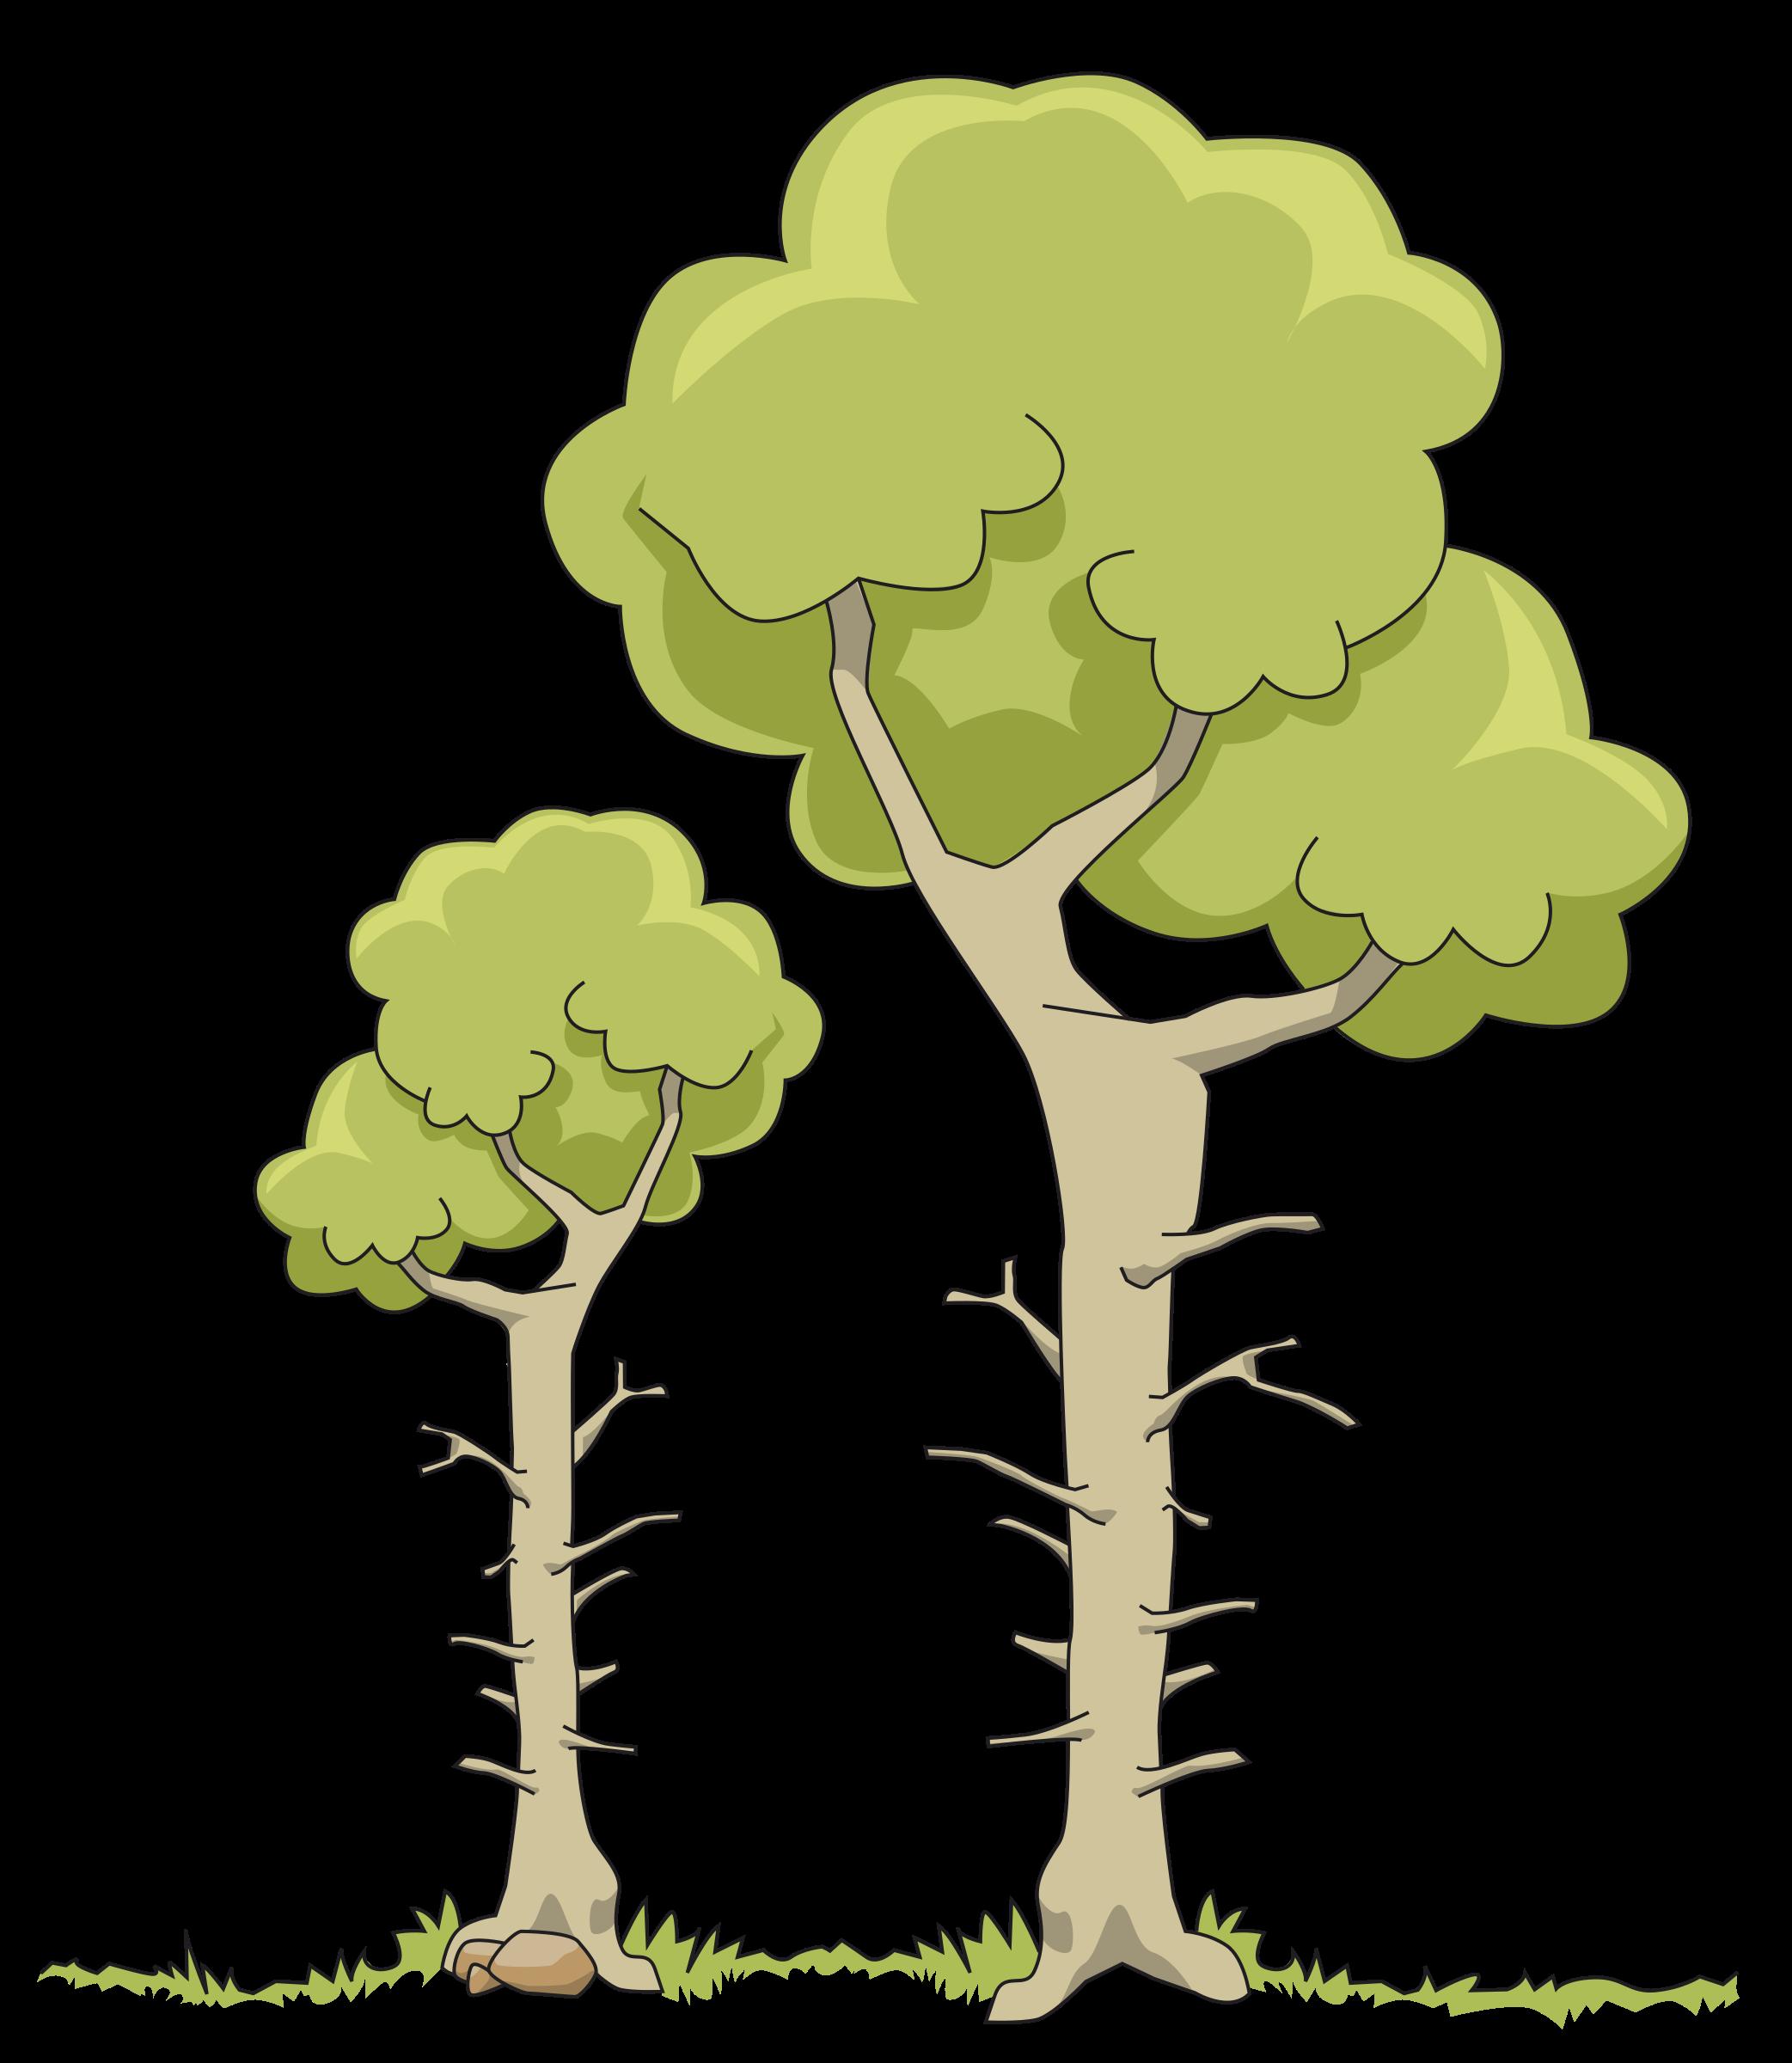 Clipart trees social media, Clipart trees social media.